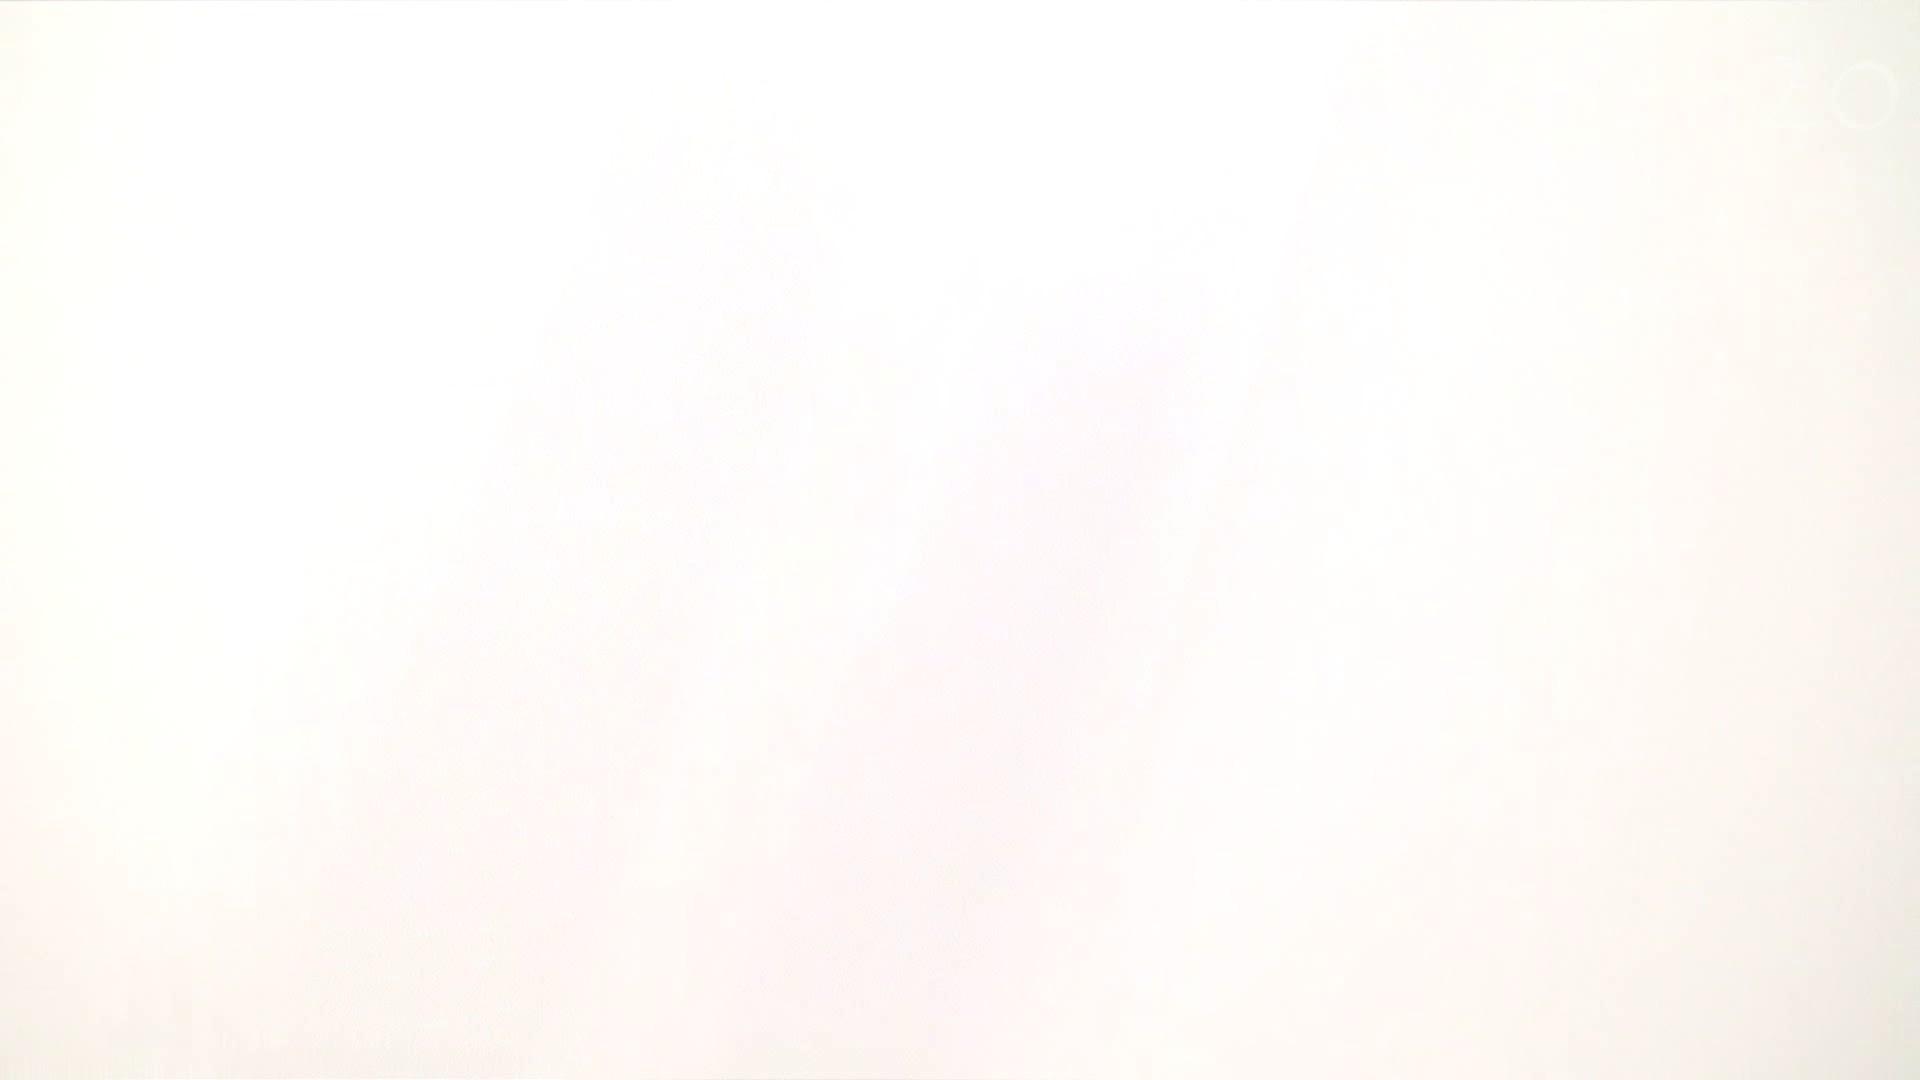 おまんこ:※100個限定販売 至高下半身盗撮 プレミアム Vol.20 ハイビジョン:怪盗ジョーカー